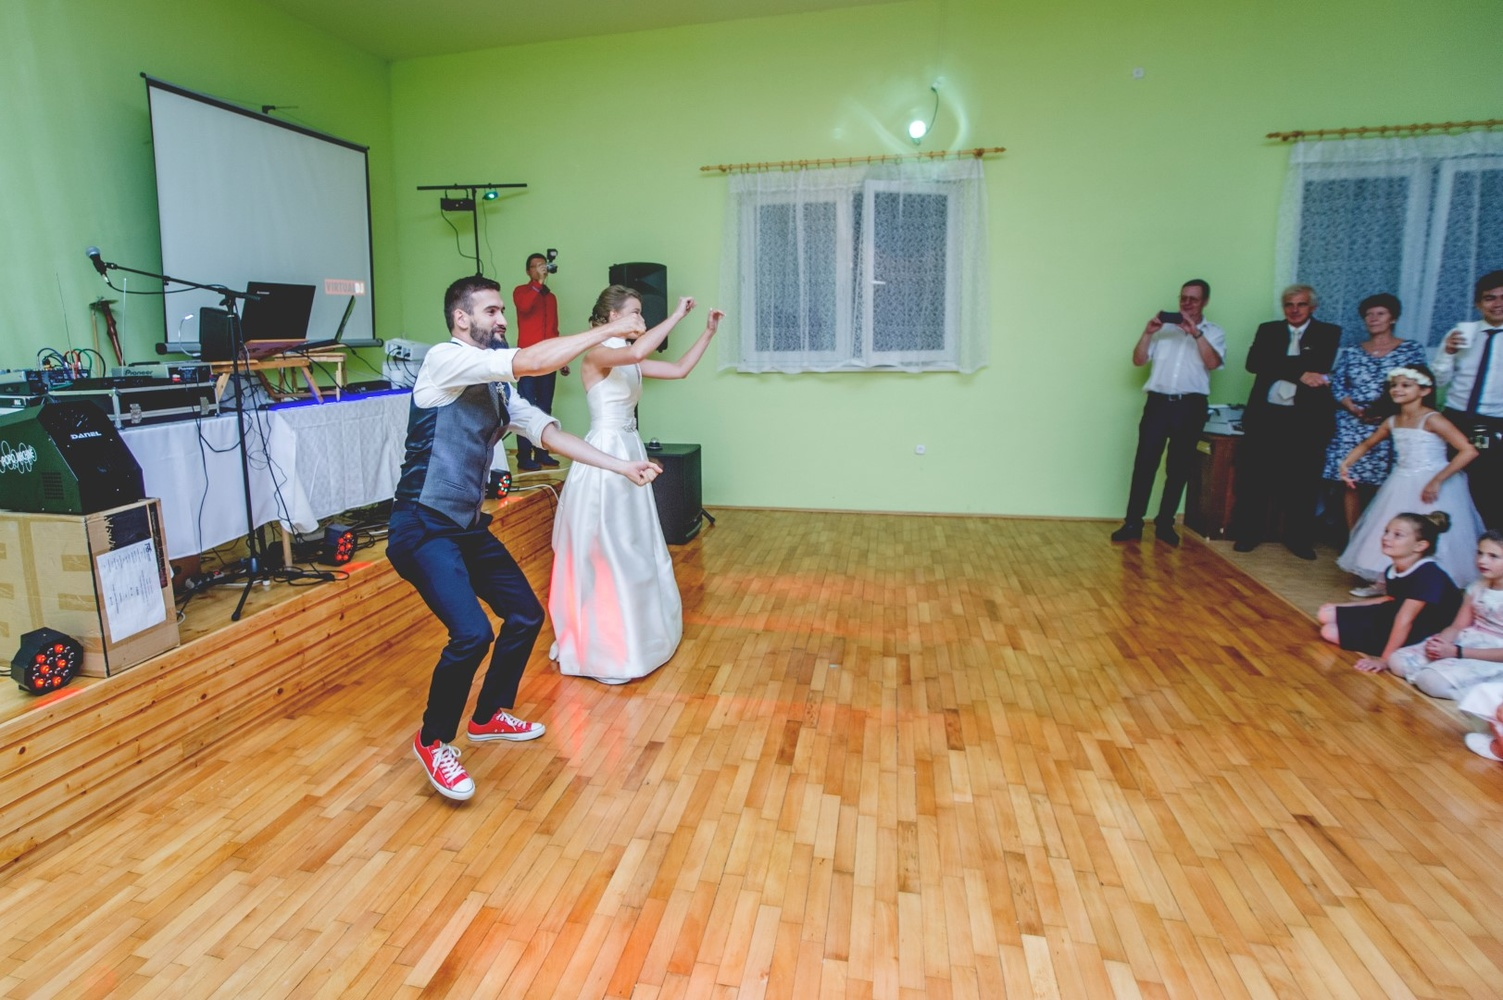 http://www.fotoz.sk/images/gallery-8/normal/eskuvoi-fotos_svadobny-fotograf_529.jpg